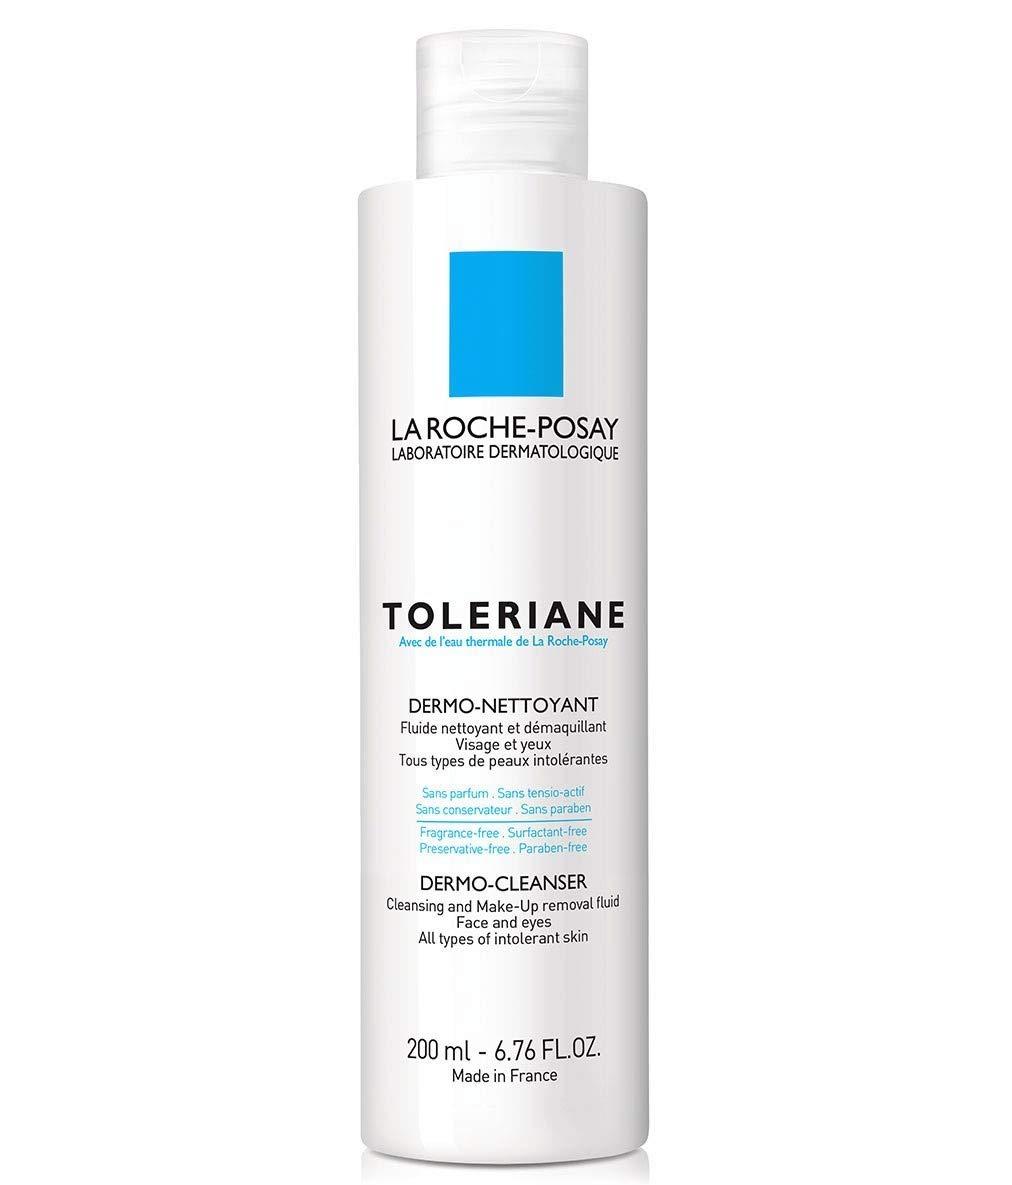 La Roche-Posay Toleriane Dermo Cleanser, 6.76 Fl oz: Premium Beauty